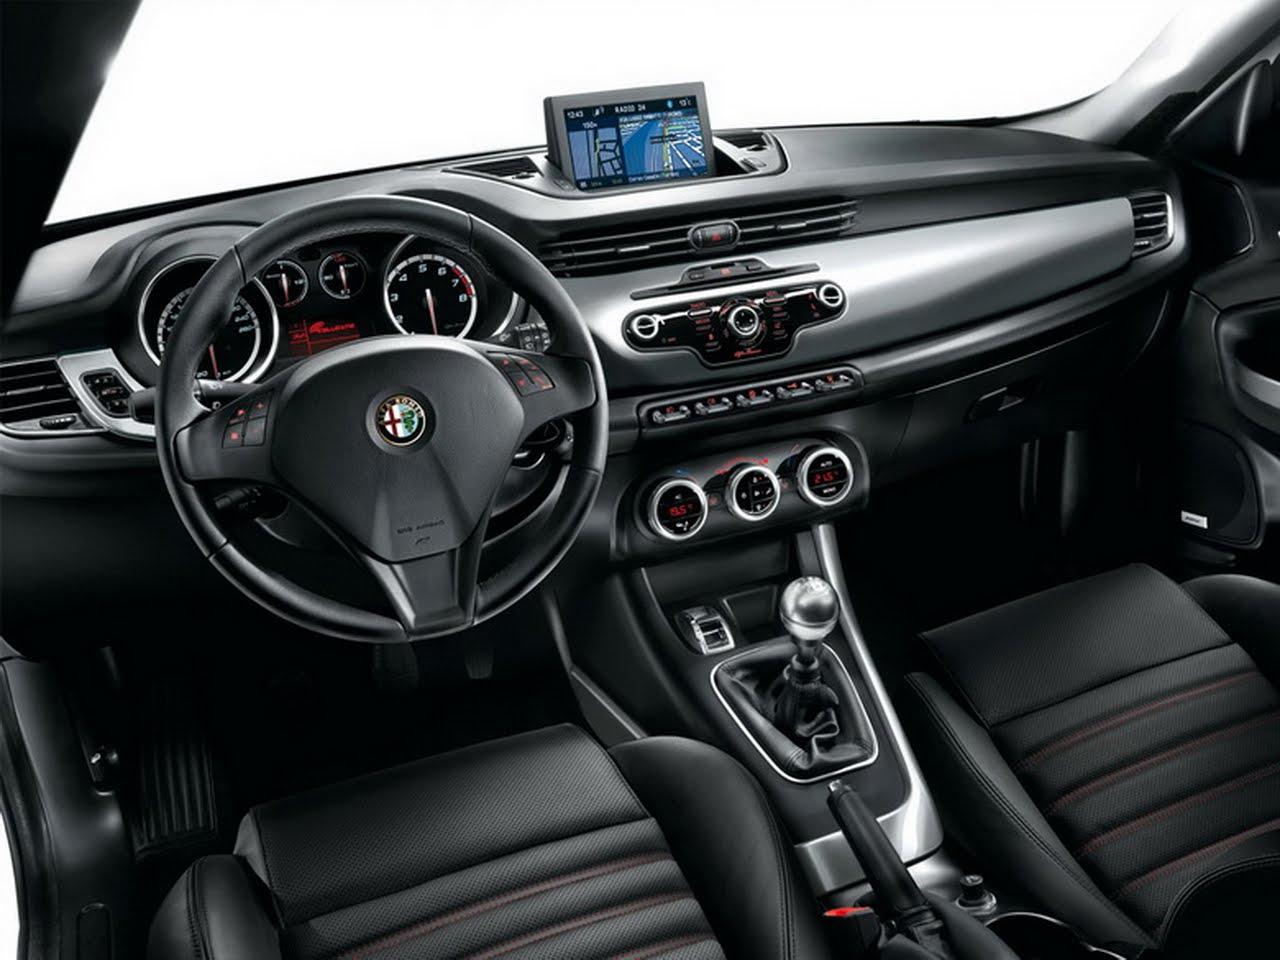 Alfa Romeo Giulietta 2010 Interior 01 – ALL THE CARS